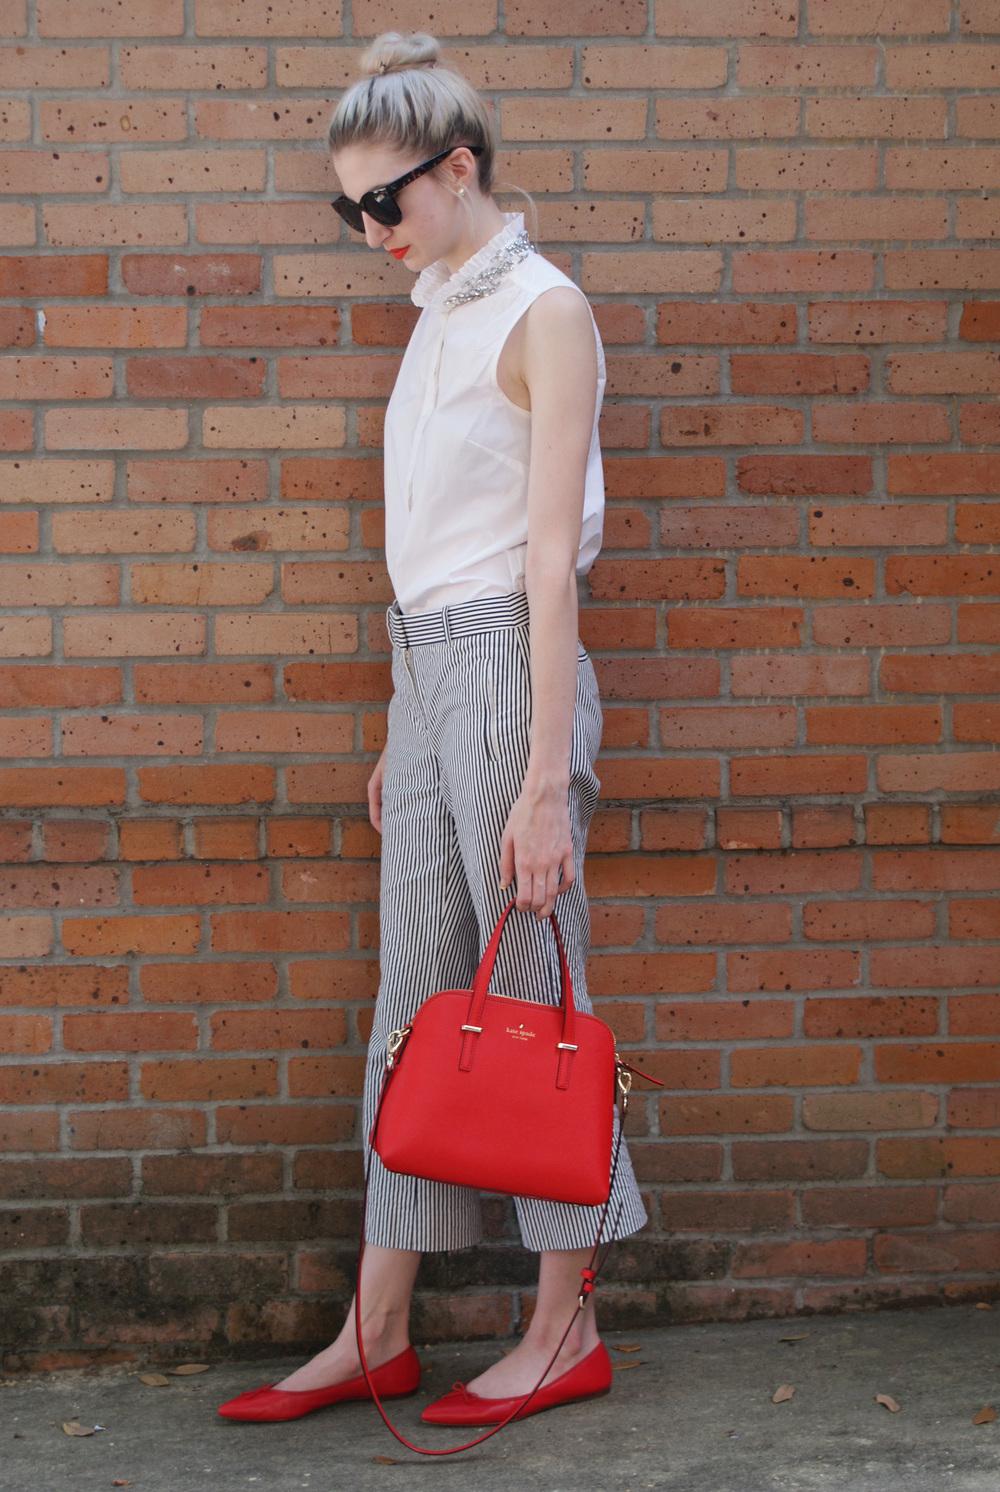 J.Crew embellished ruffle collar top, seersucker teddie pant, red gemma flats, Kate Spade Cedar street maise, Kat Von D studded kiss lipstick in a-go-go